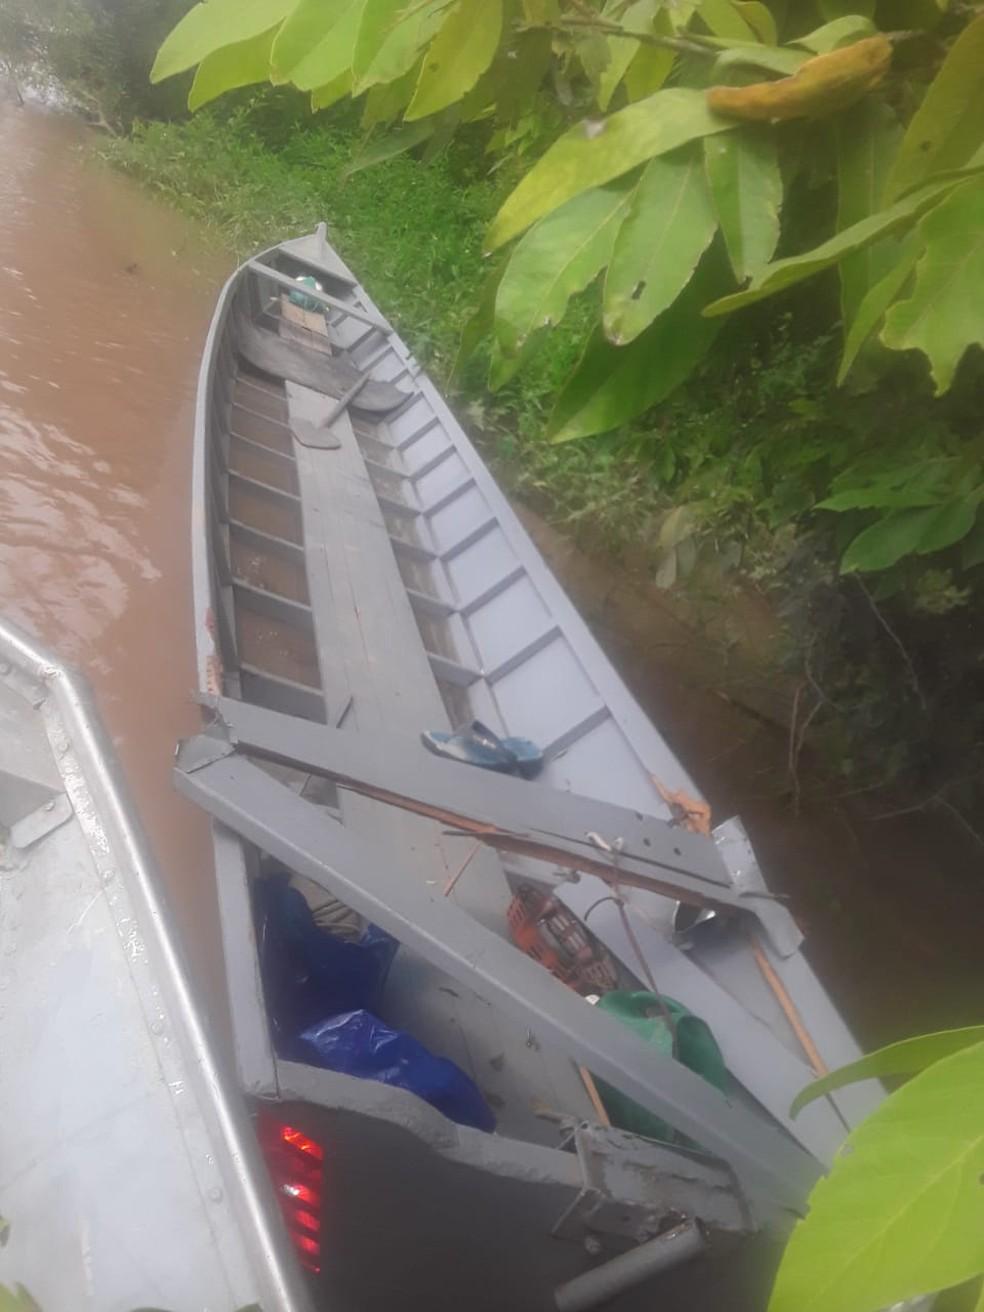 Canoa do pescador foi encontrada danificada — Foto: Divulgação